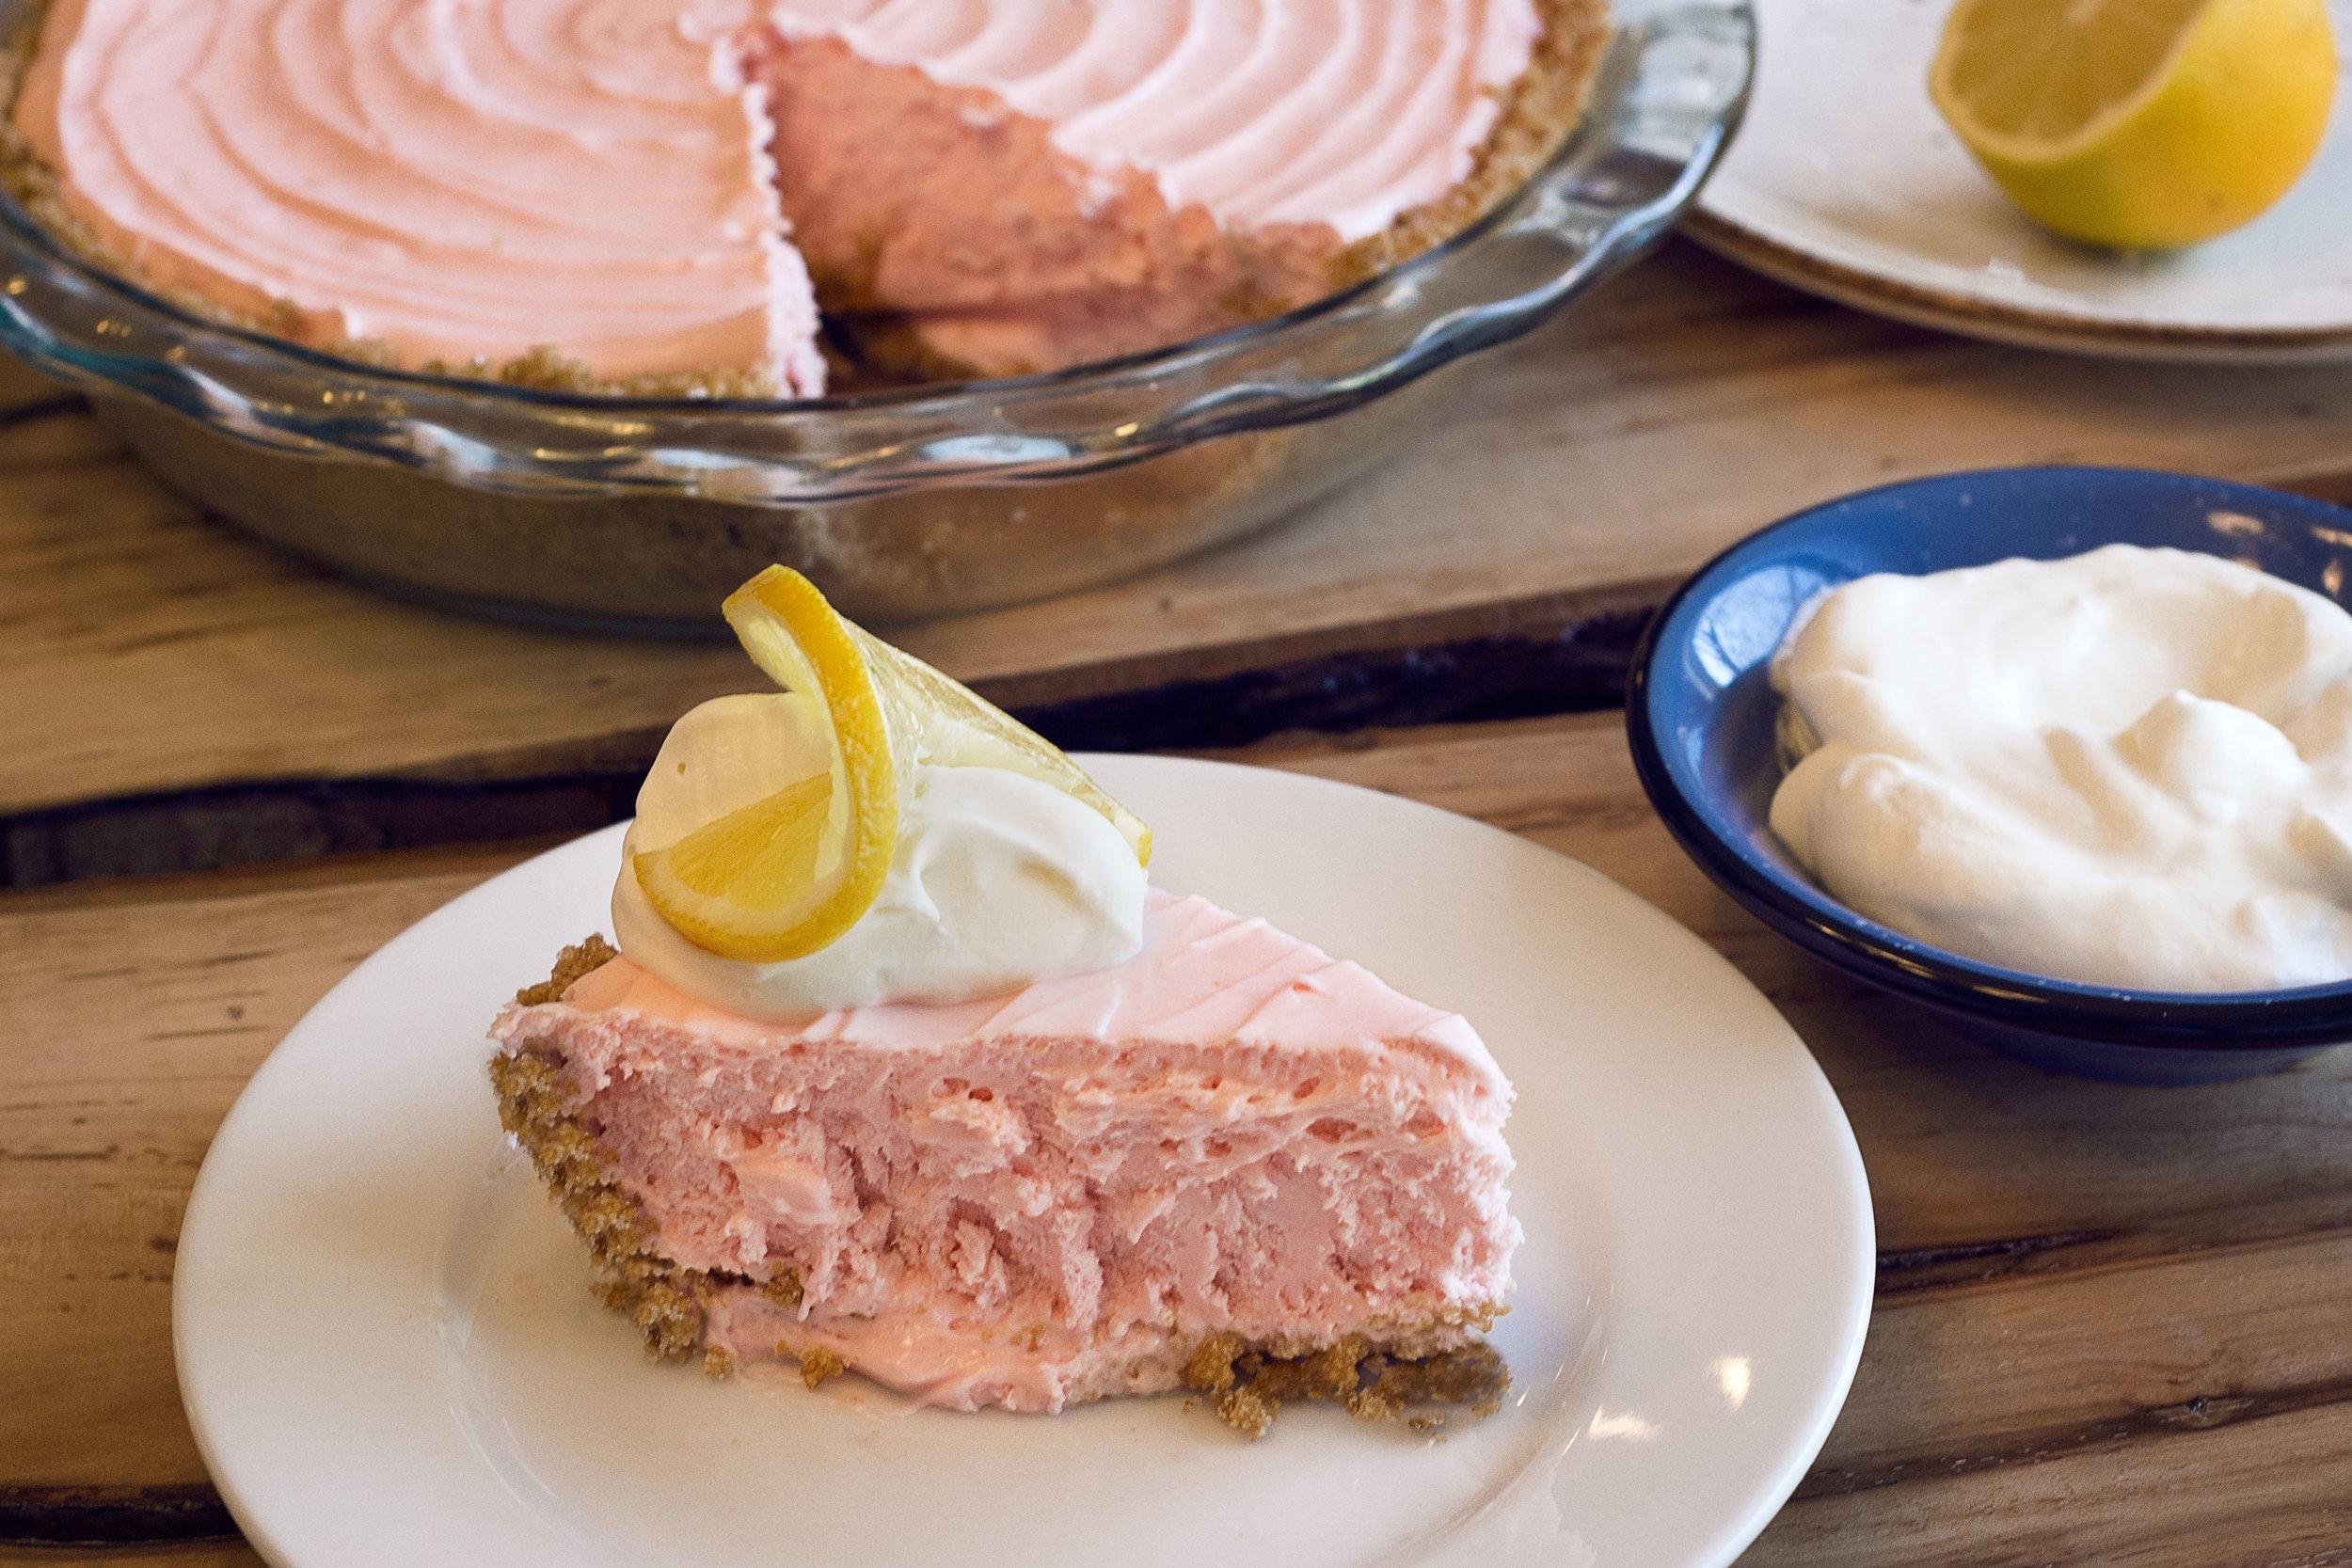 Clover's Pink Lemonade Pie